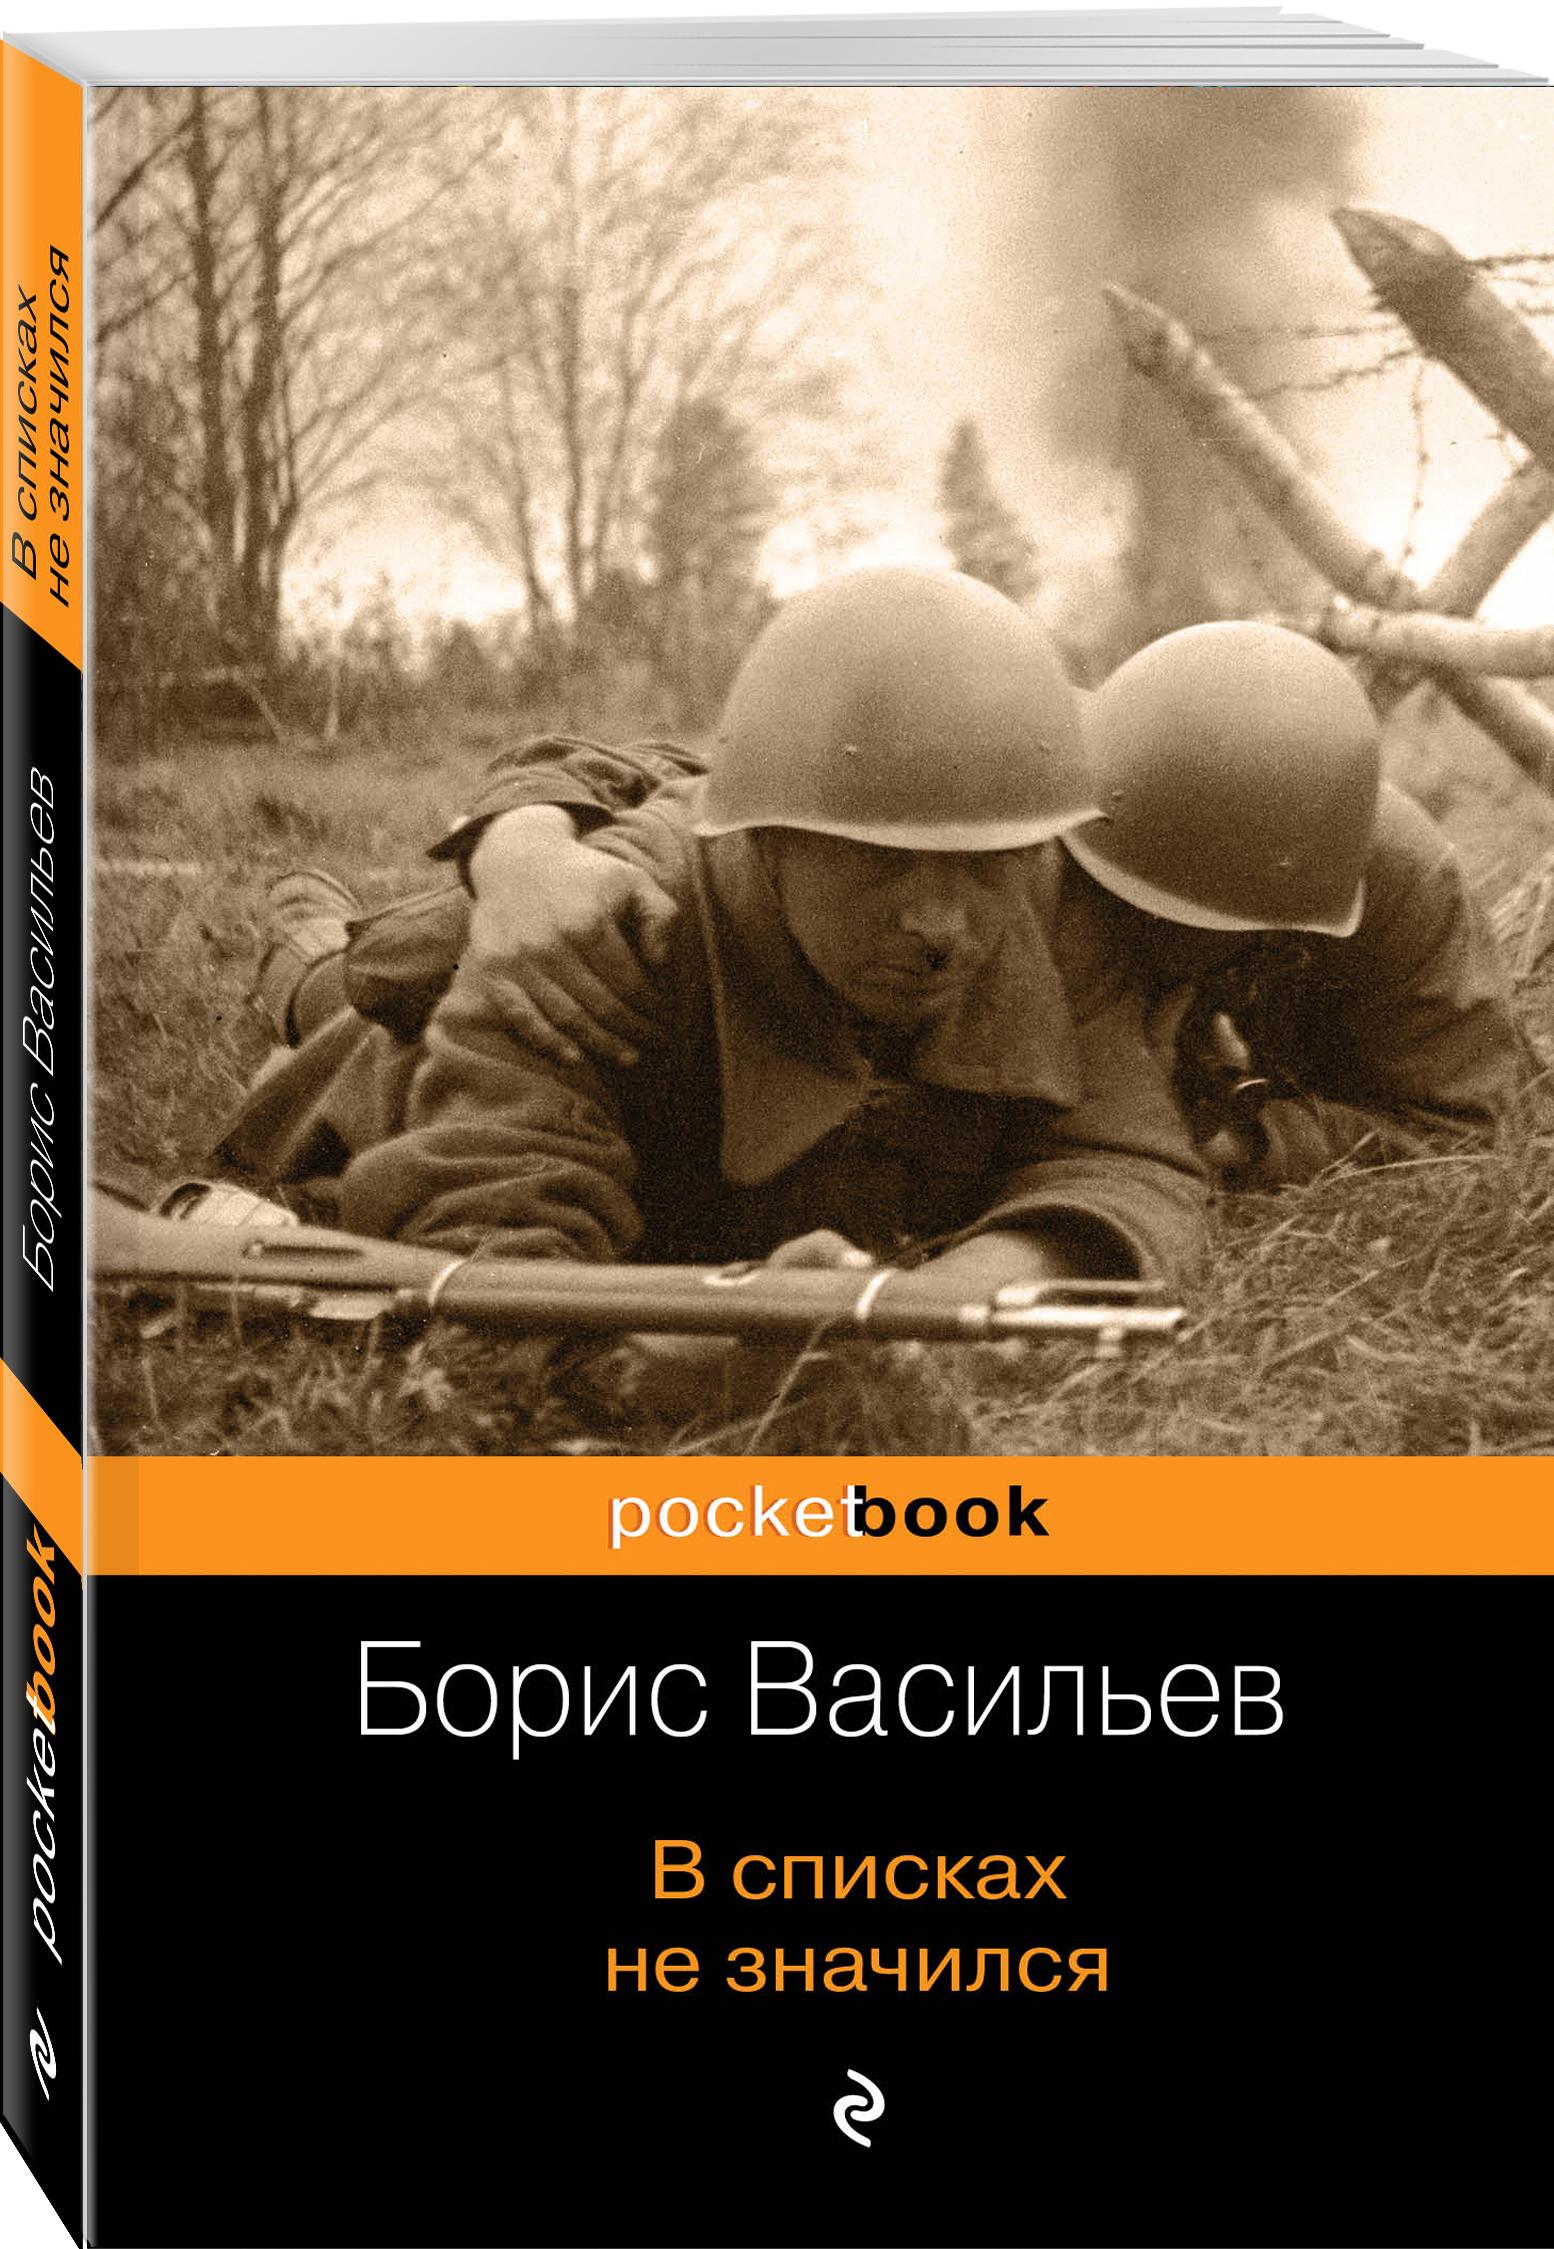 Борис Васильев В списках не значился из лучших советских детских книг с маршак